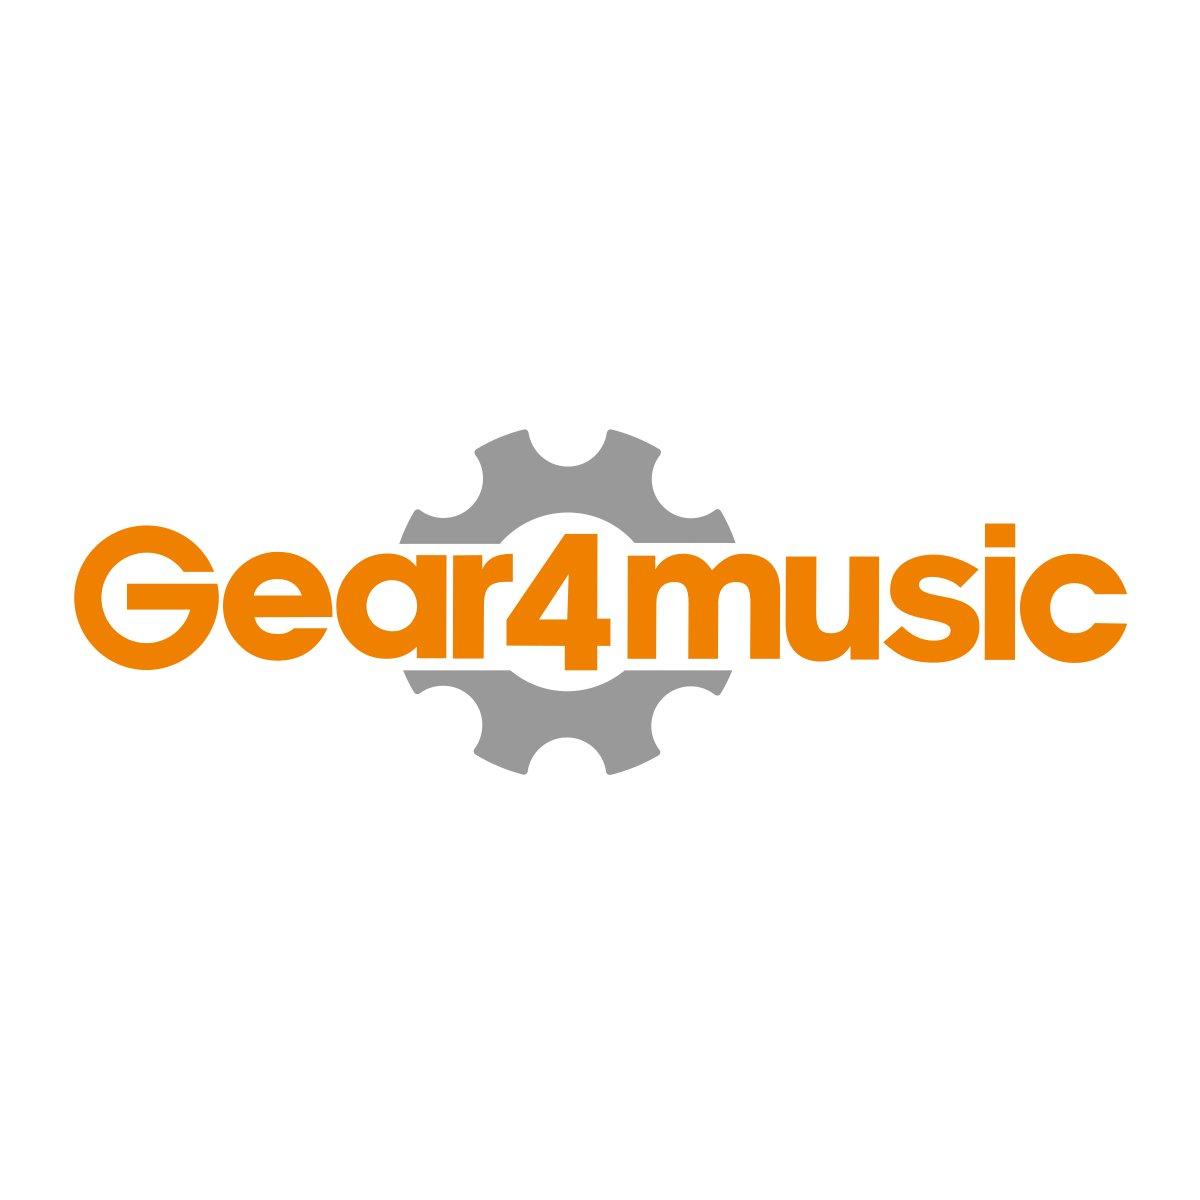 Elektrische Gitaar Starterpakketten Gear4music